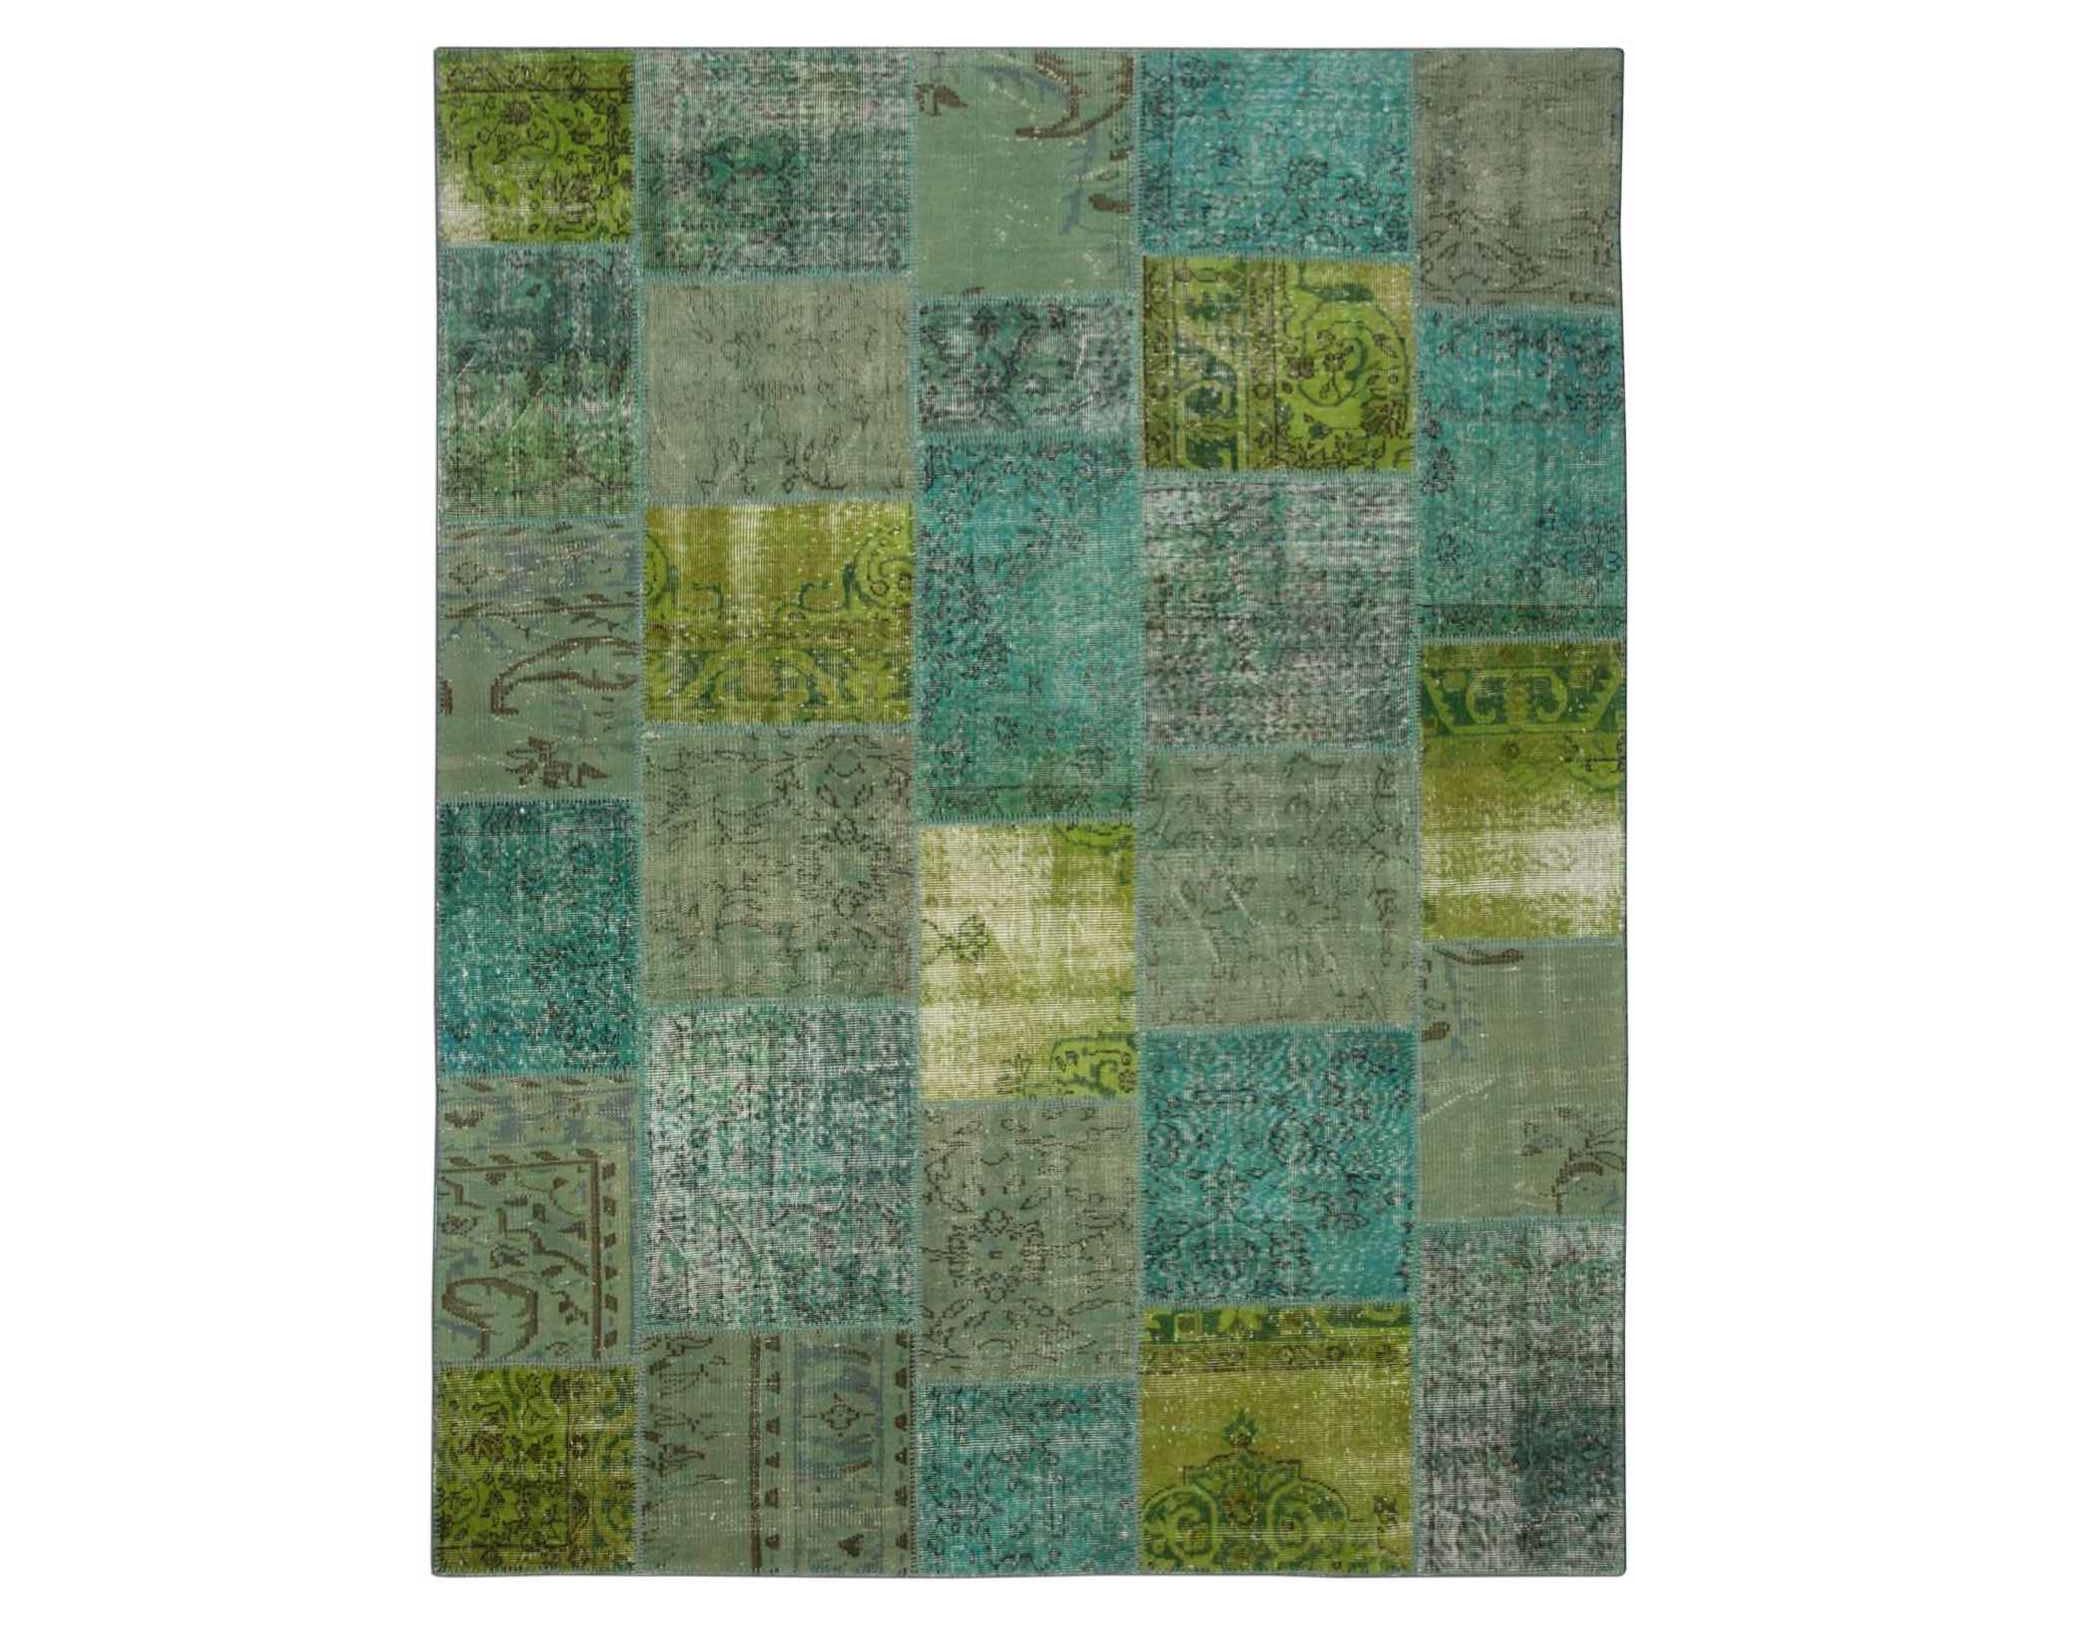 Ковер PatchworkПрямоугольные ковры<br>Винтажный ковер ручной работы в стиле &amp;quot;пэчворк&amp;quot; <br>из 100% шерсти. Ковер прекрасно подходит в <br>любые современные и классические интерьеры, <br>а благодаря толщине ковра всего 5 мм и отсутствию <br>ворса, его легко чистить любыми видами пылесосов. <br>Этот настоящий ковер ручной работы не потеряет <br>своих красок и будет служить десятилетия.<br><br>Material: Шерсть<br>Ширина см: 217<br>Глубина см: 280